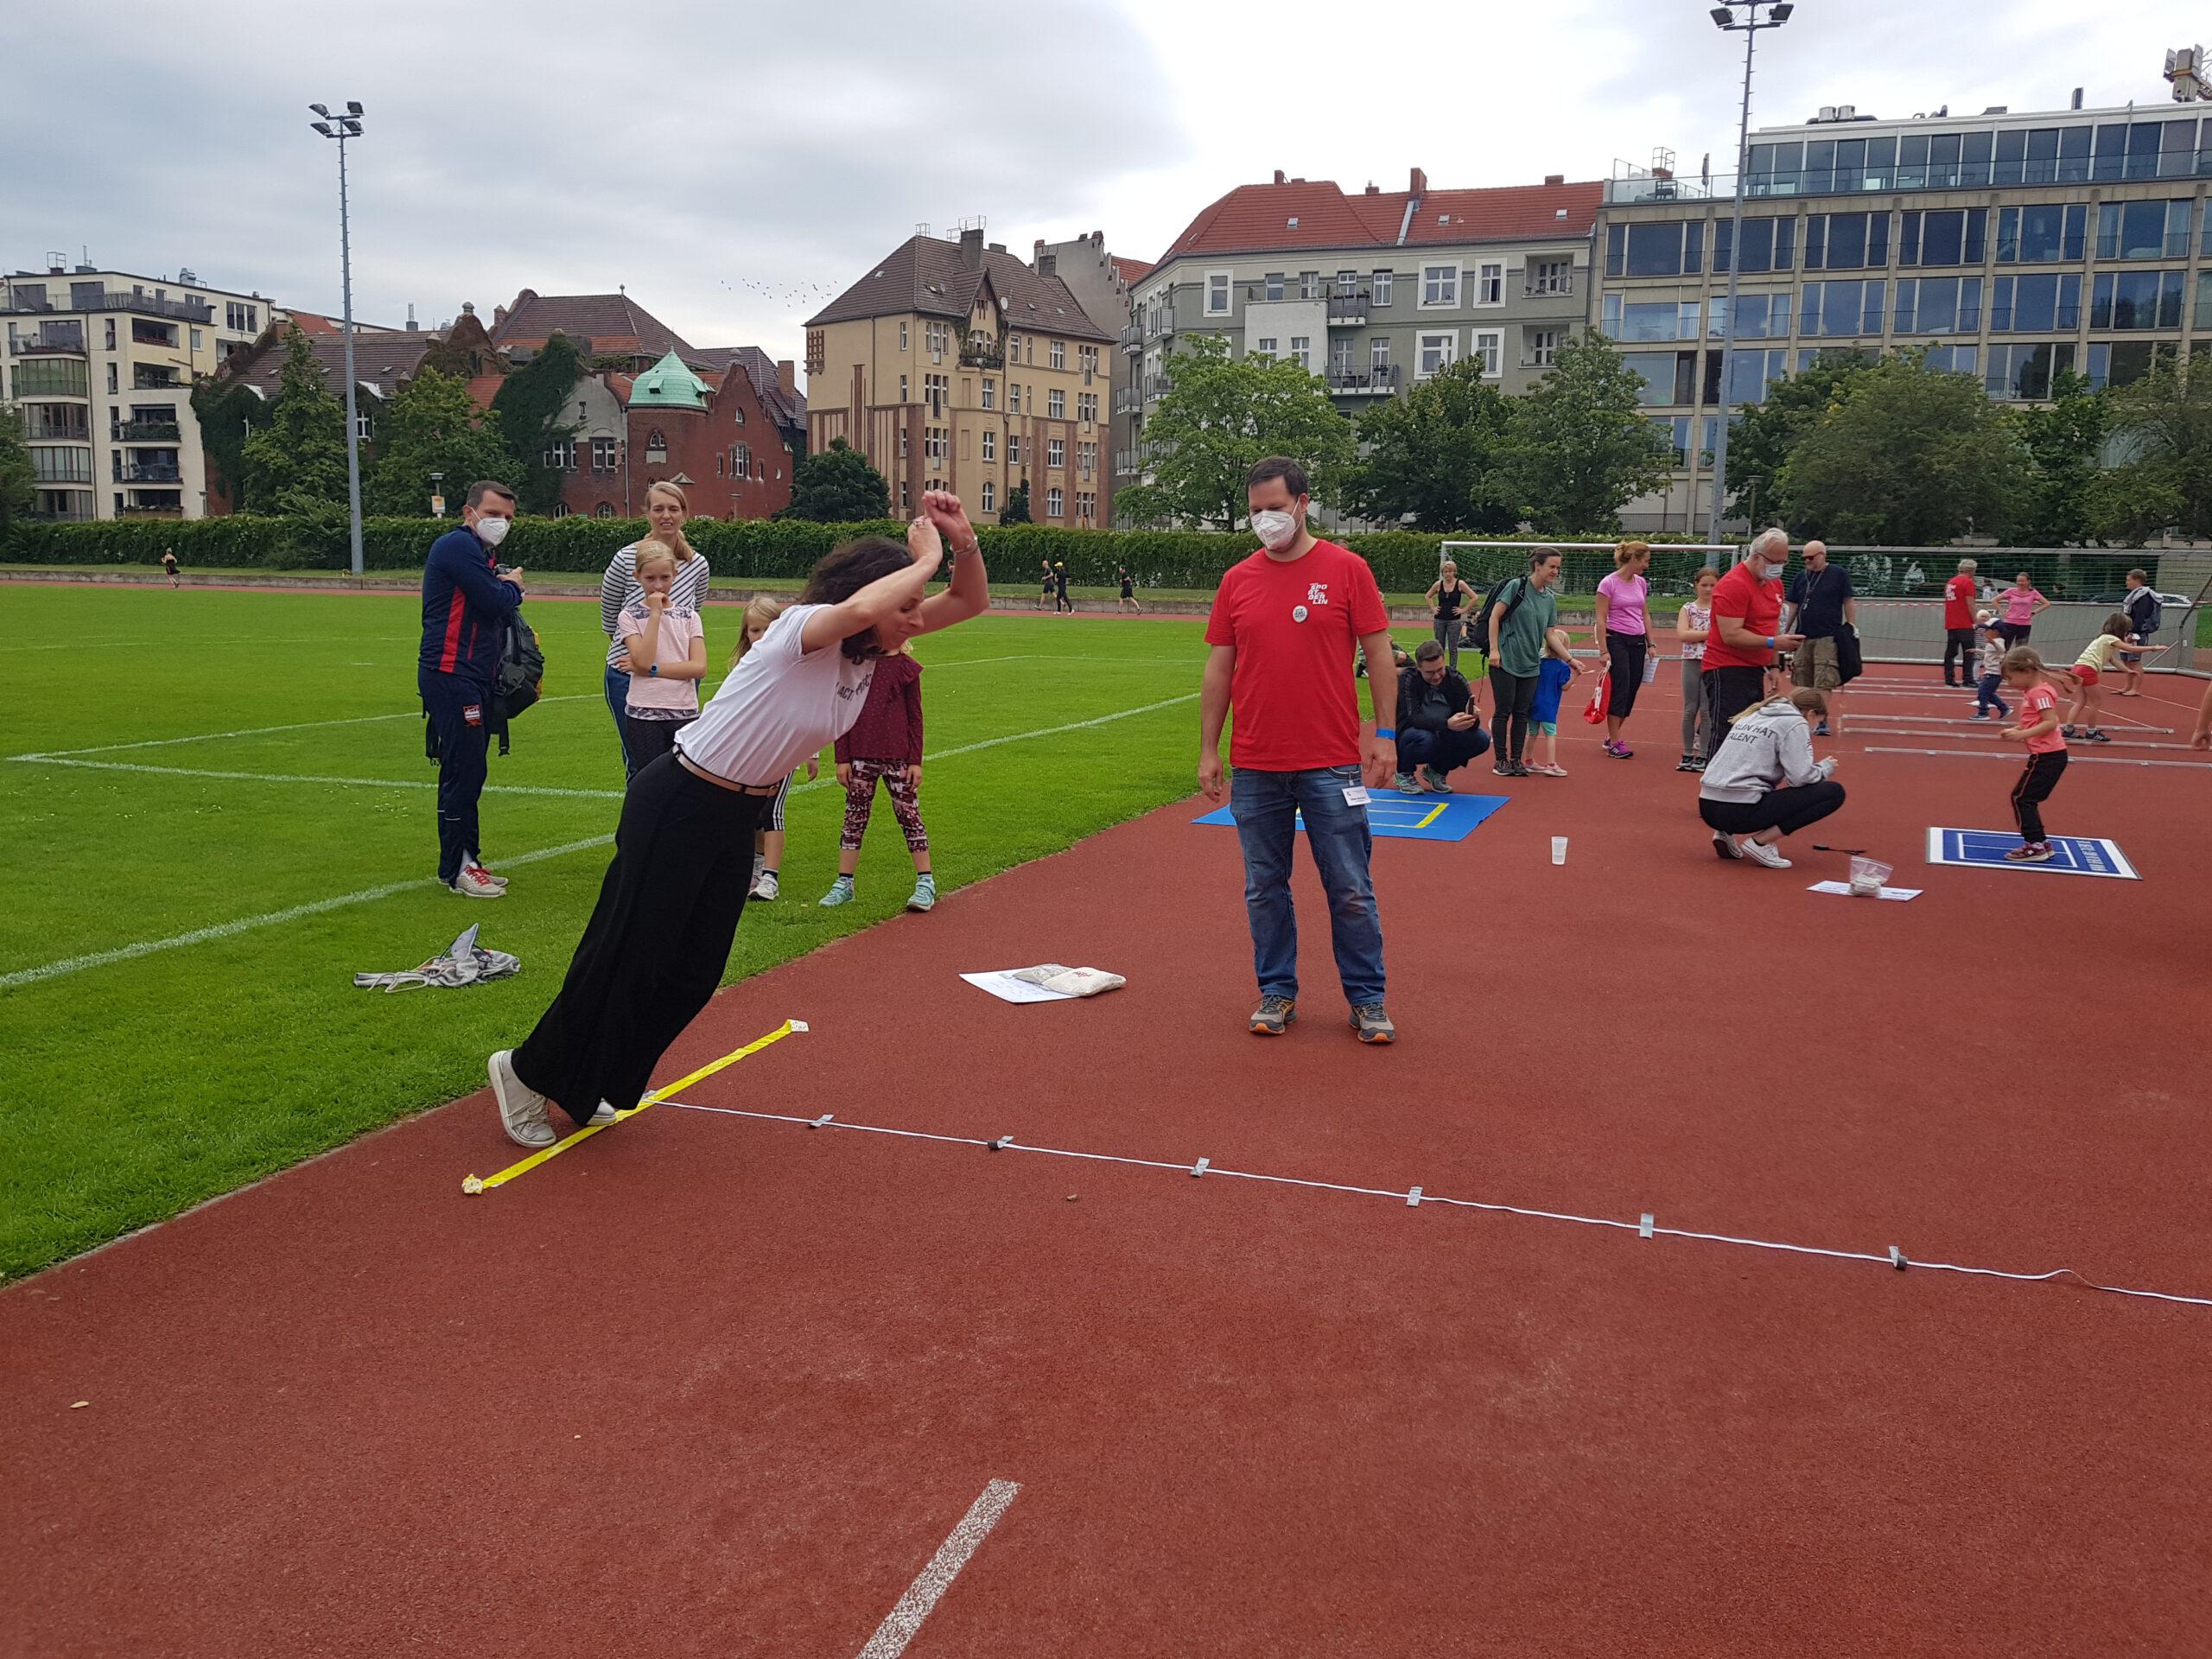 Familiensportfest Pankow